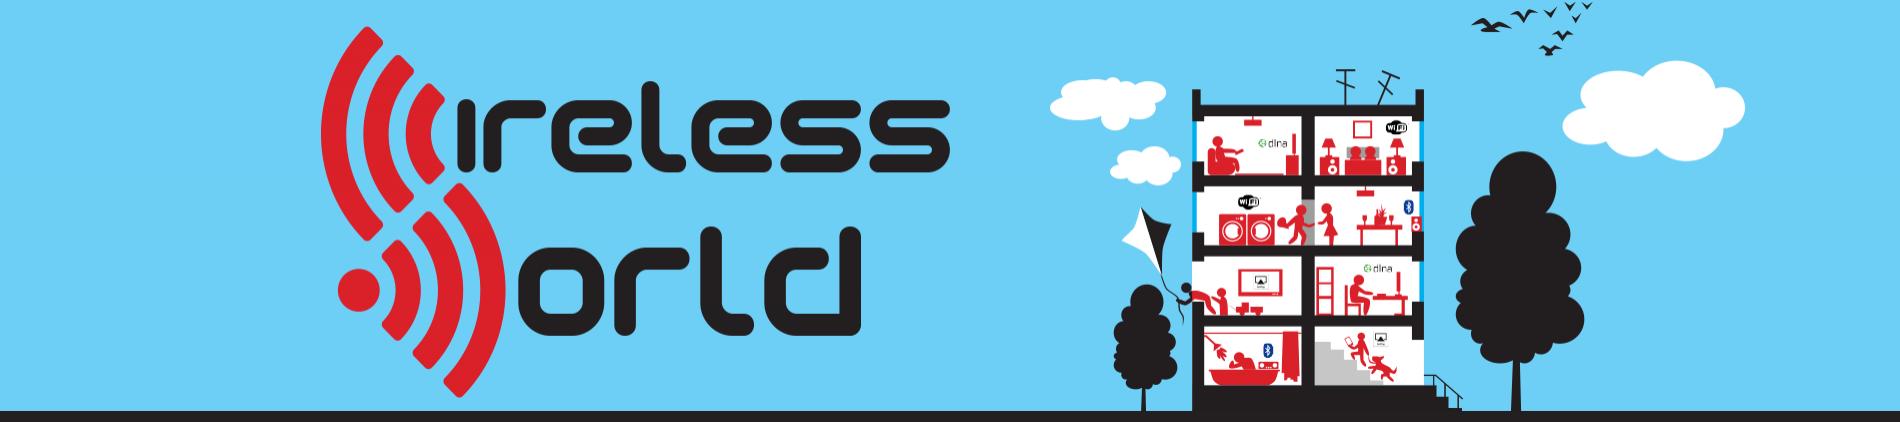 Wireless World Flyer